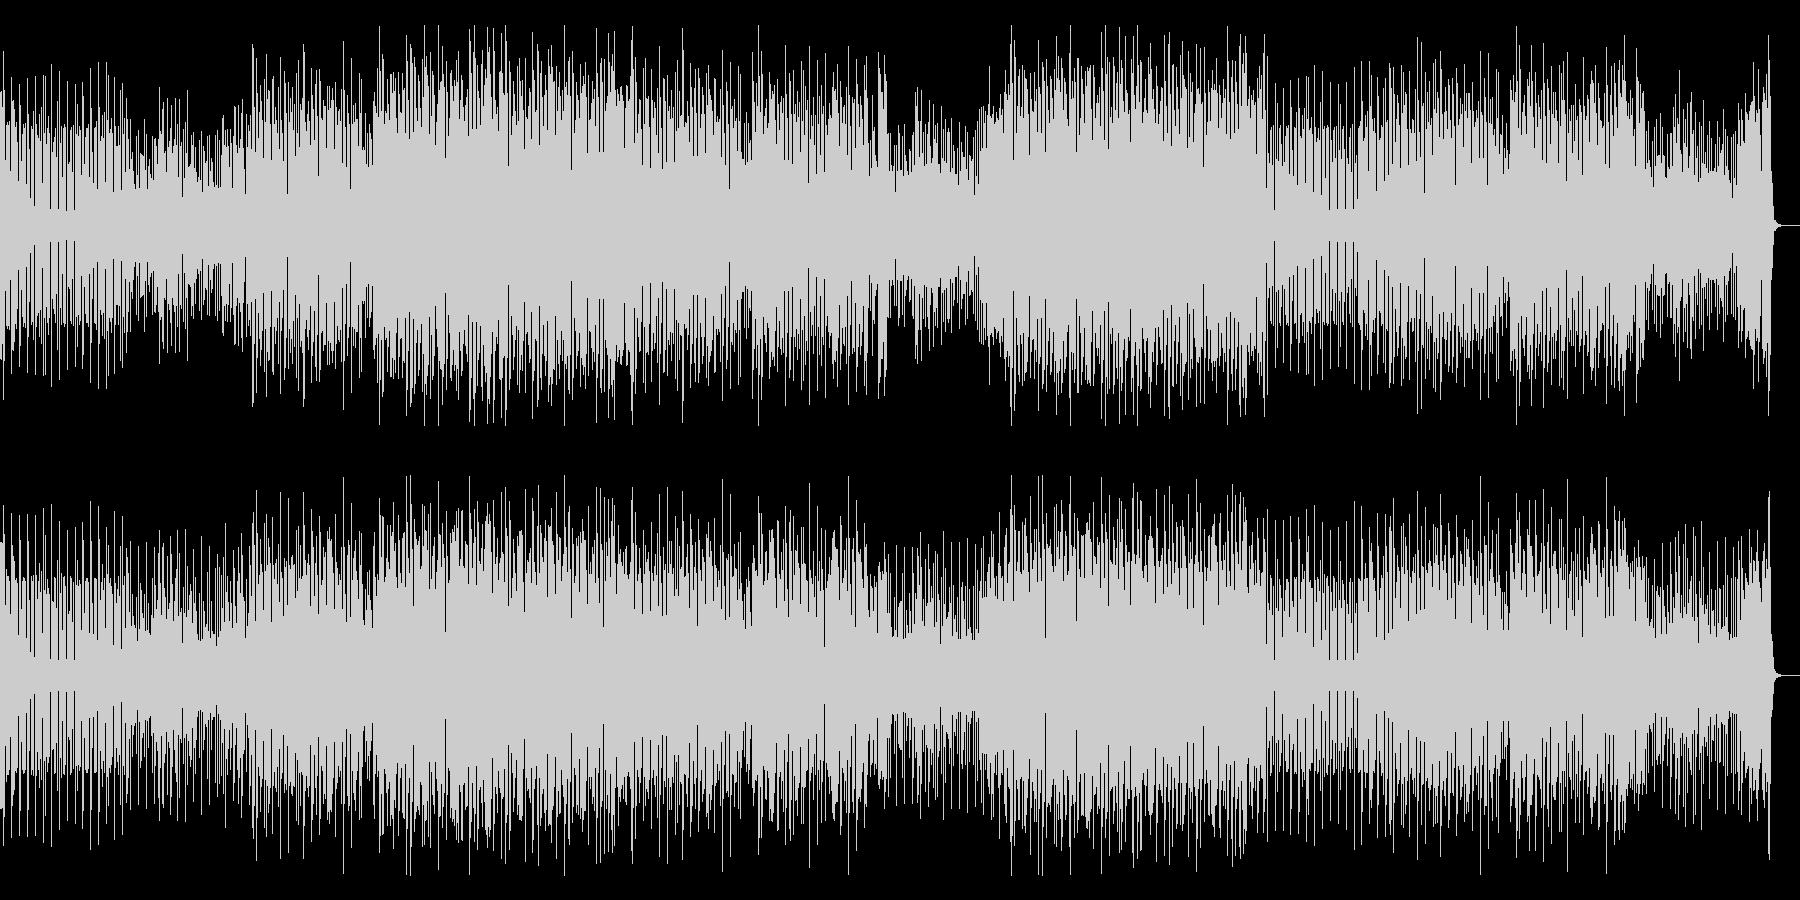 ファンキー&クールな王道アシッドジャズの未再生の波形